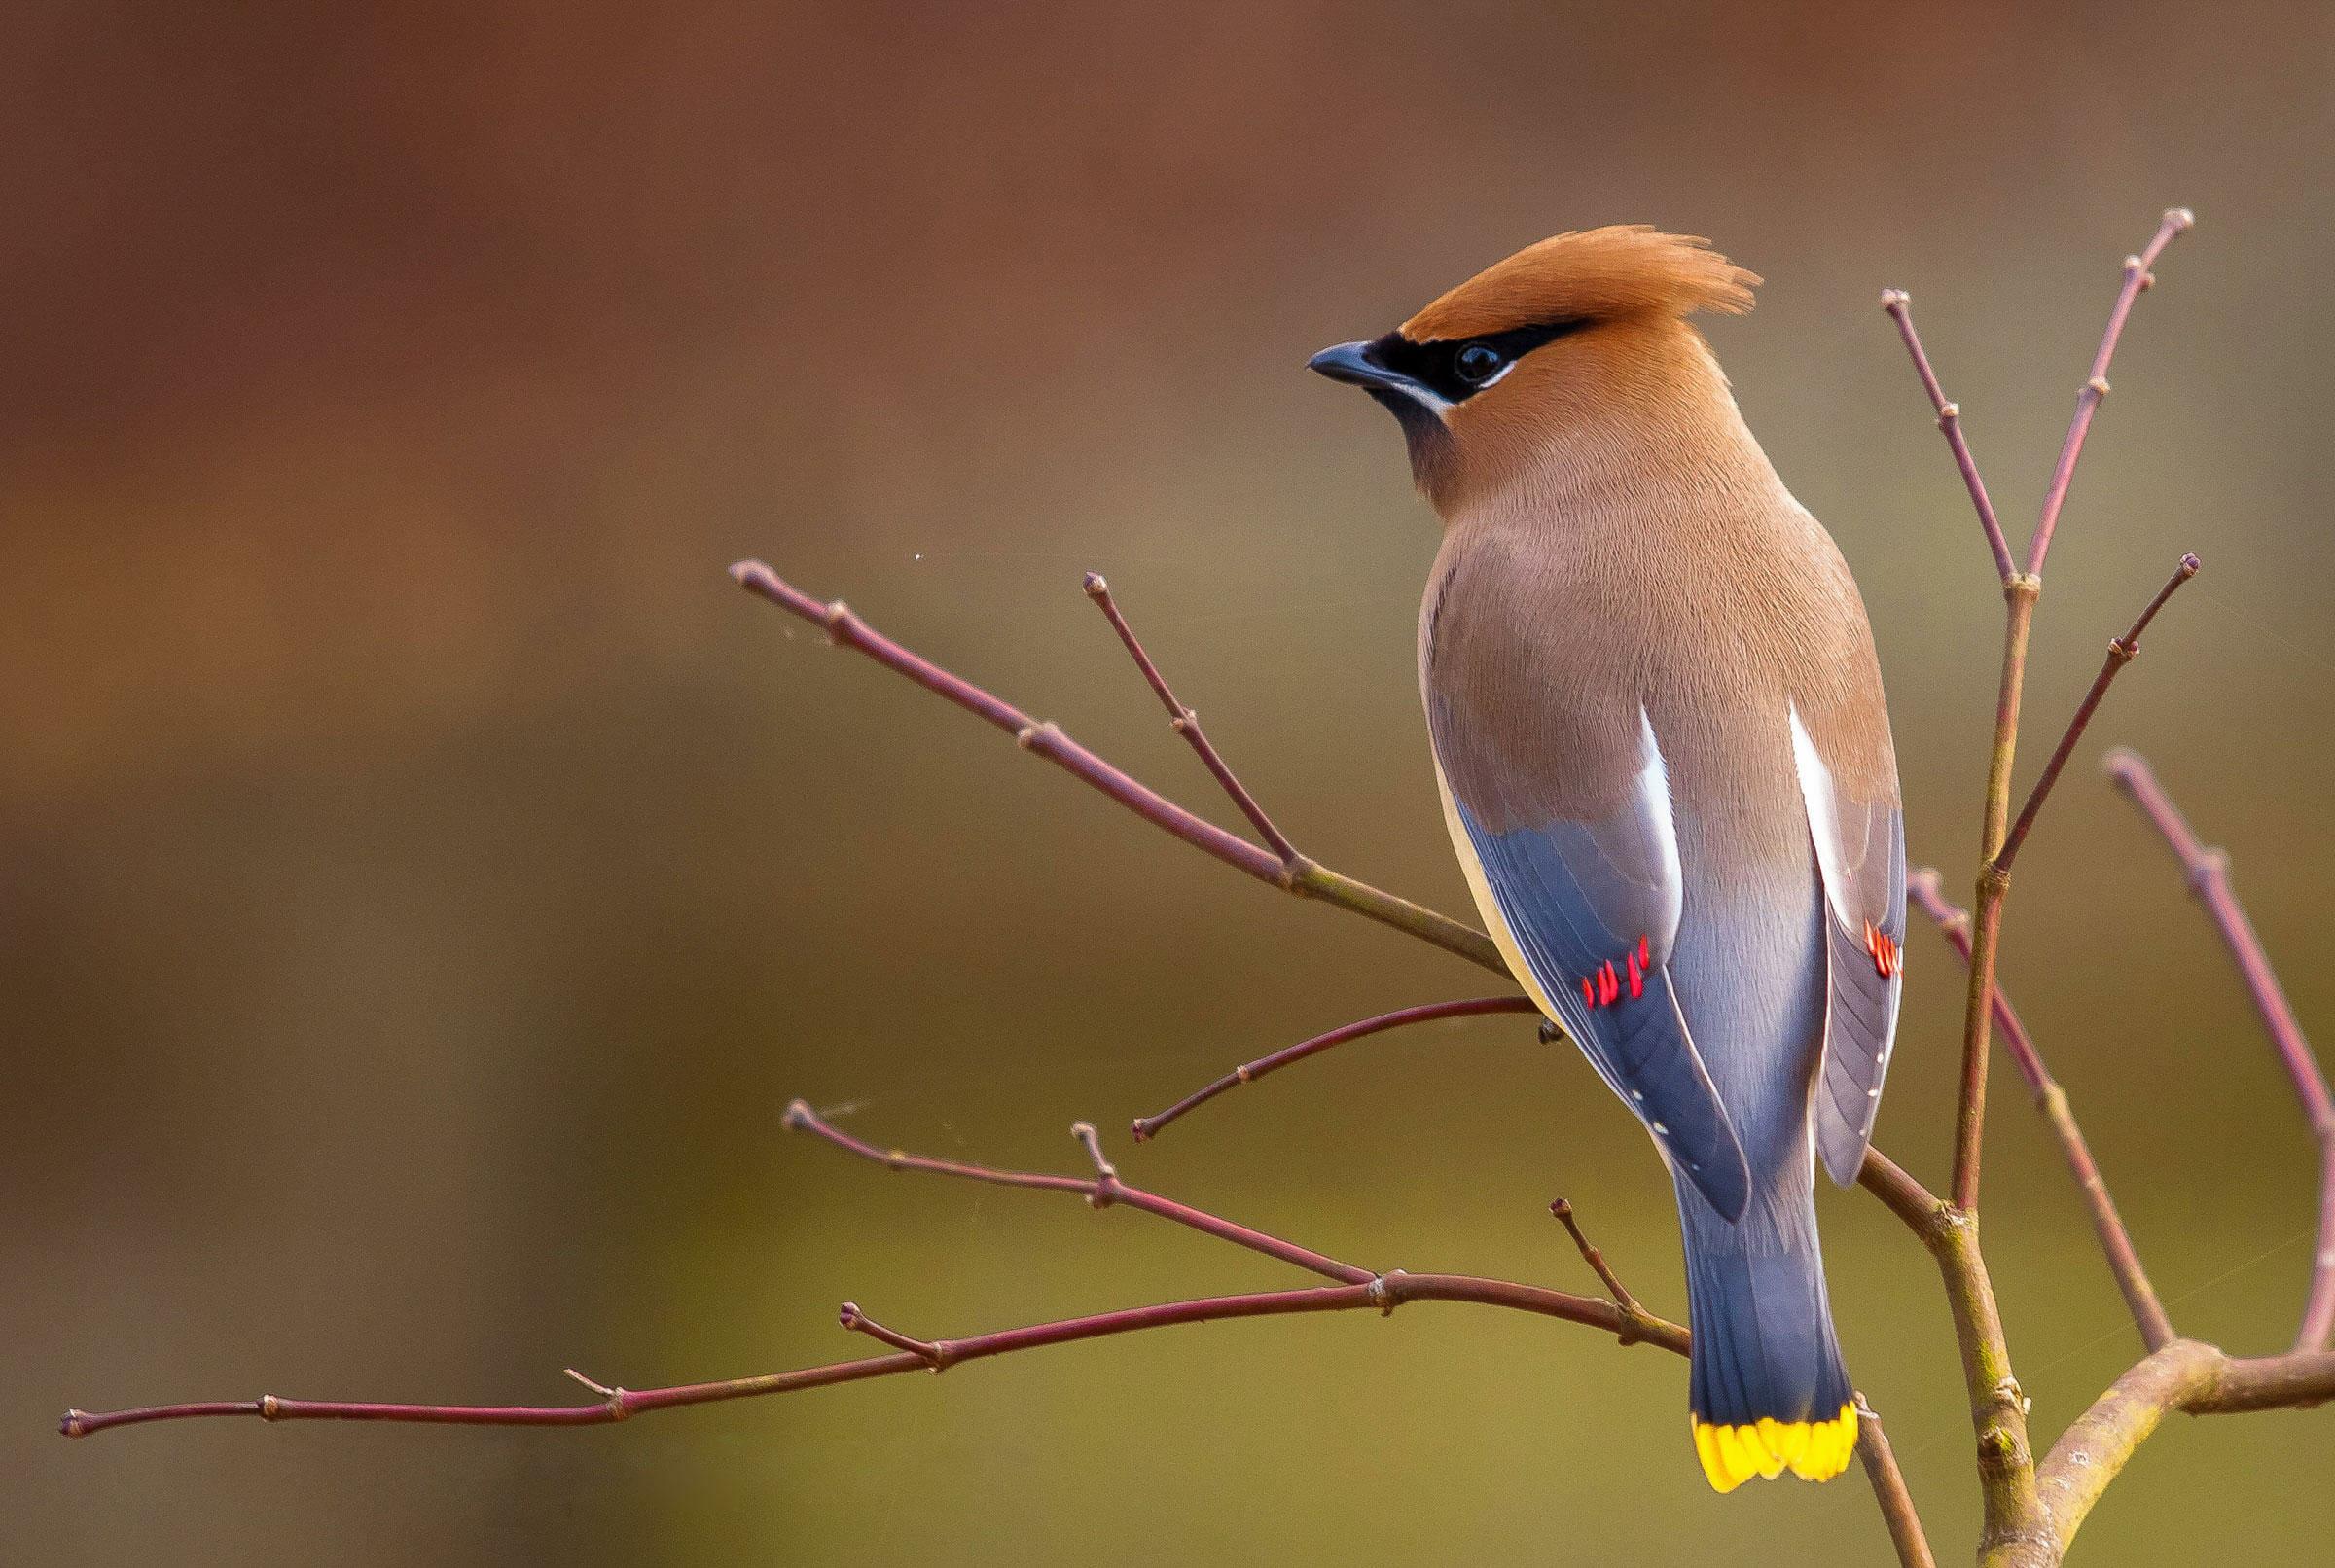 , Novidade: Parque das Aves inaugura mais um atrativo, Passeios em Foz do Iguaçu | Combos em Foz com desconto, Passeios em Foz do Iguaçu | Combos em Foz com desconto